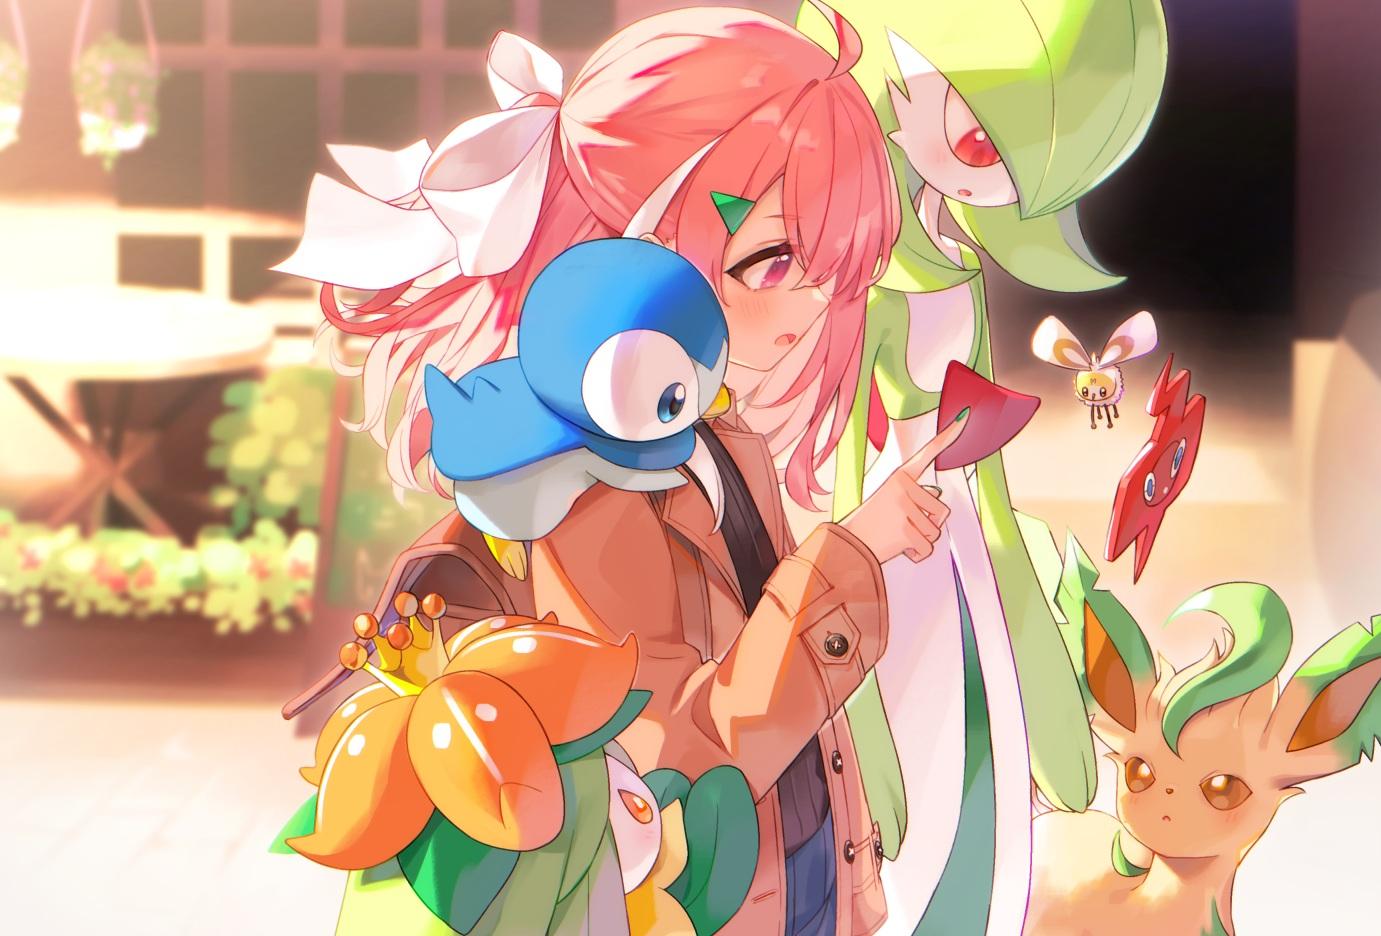 blush bow building crossover cutiefly gardevoir kanase_(mcbrwn18) leafeon lilligant nijisanji phone pink_eyes pink_hair piplup pokemon rotom sasaki_saku